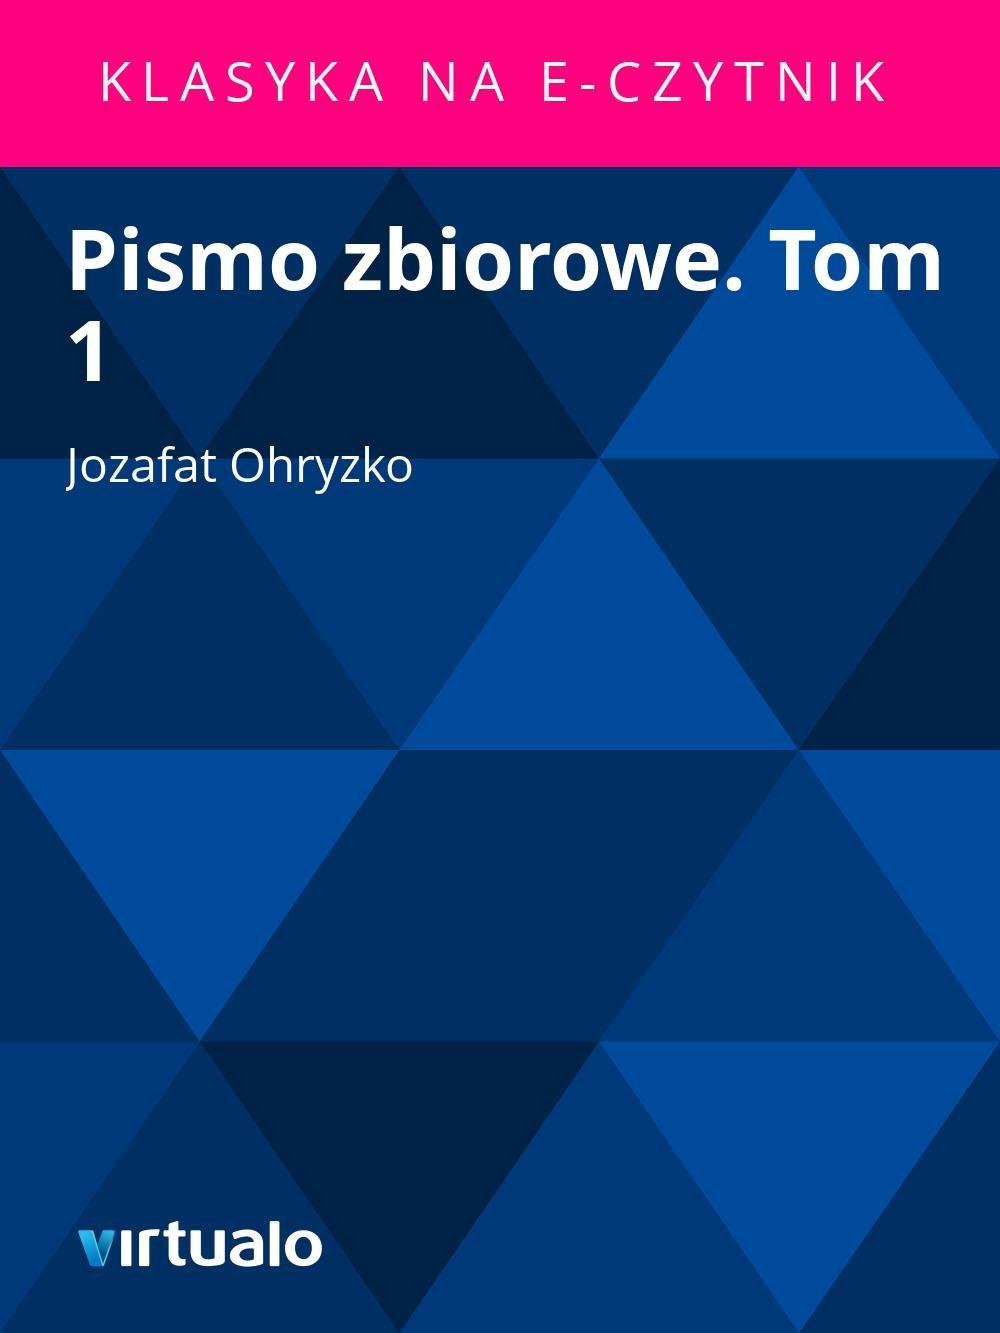 Pismo zbiorowe. Tom 1 - Ebook (Książka EPUB) do pobrania w formacie EPUB